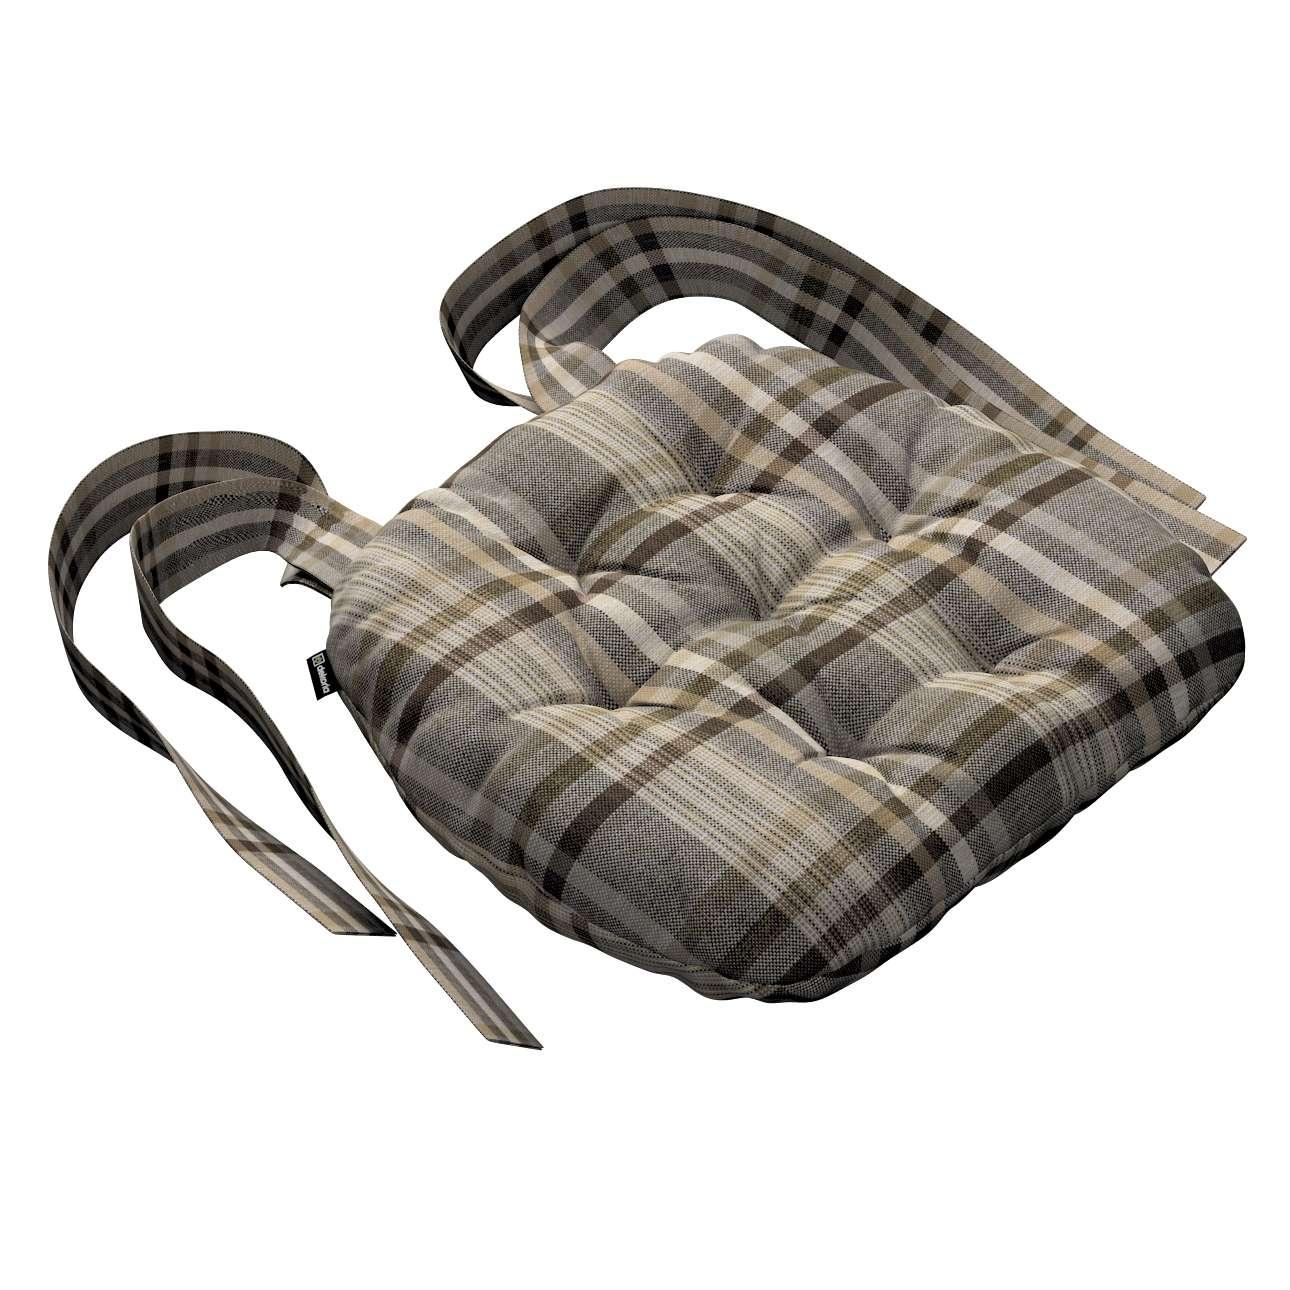 Siedzisko Marcin na krzesło w kolekcji Edinburgh, tkanina: 703-17